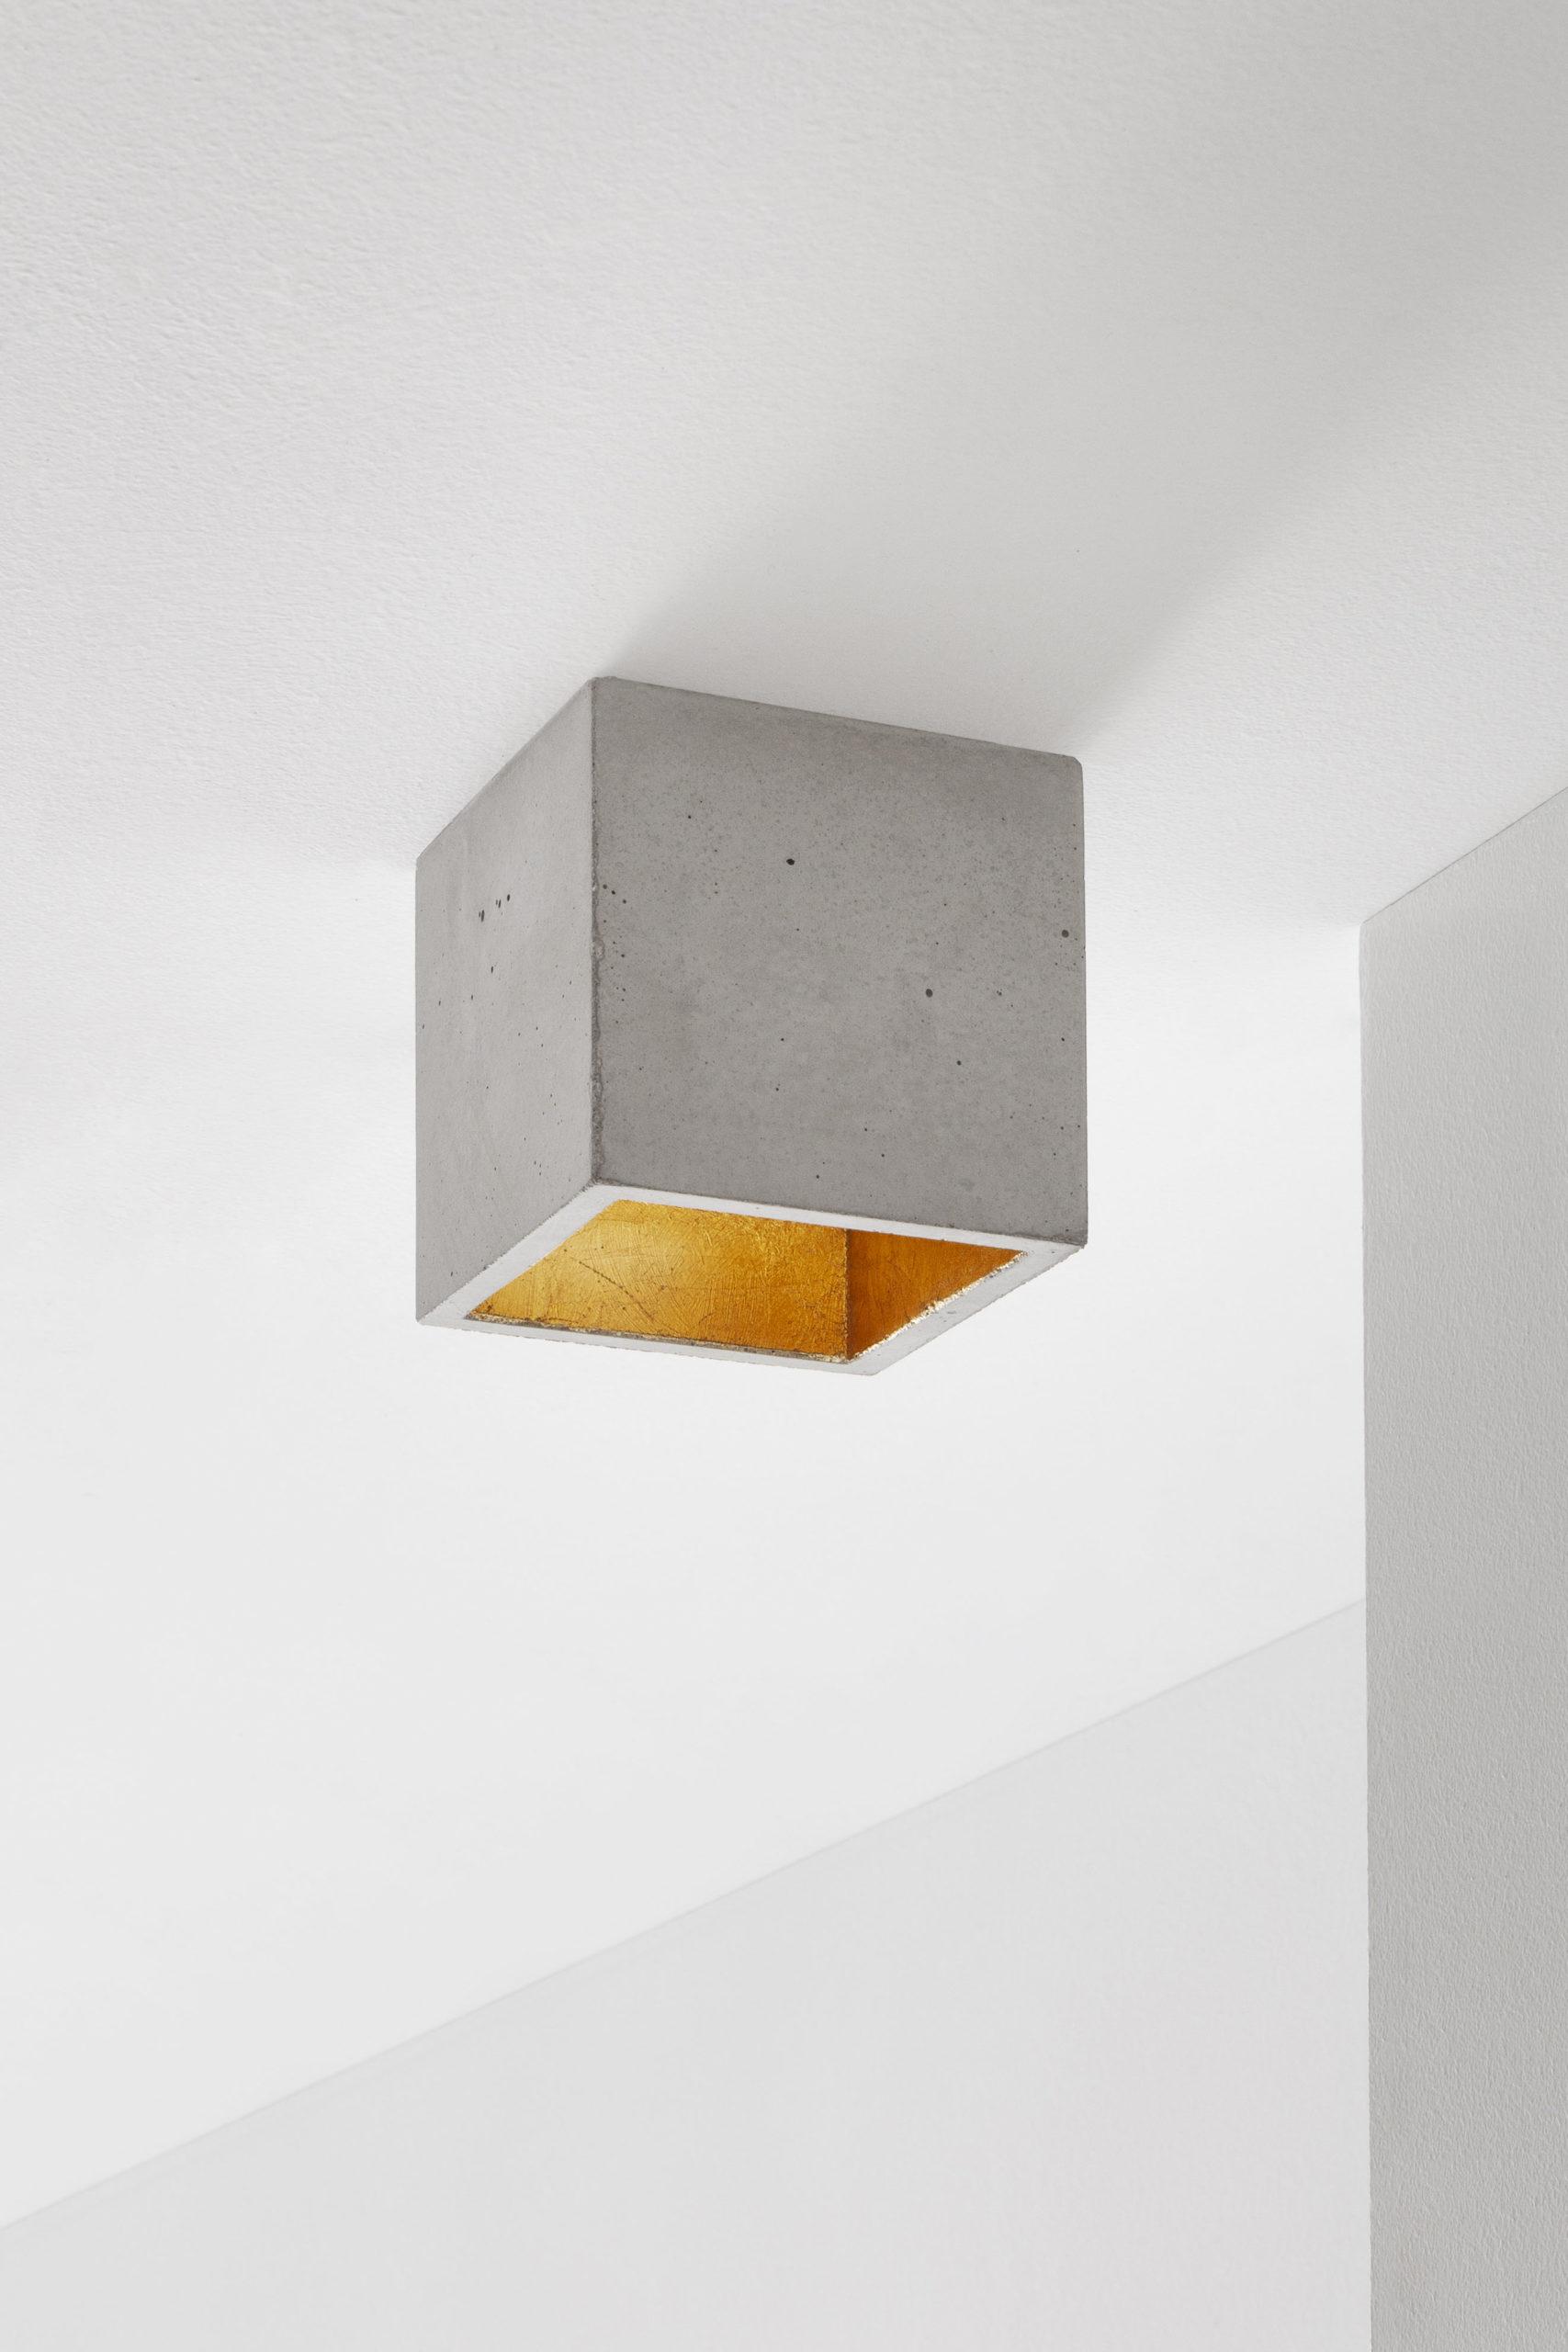 Deckenlampe vom Leuchtenlabel Gantlights